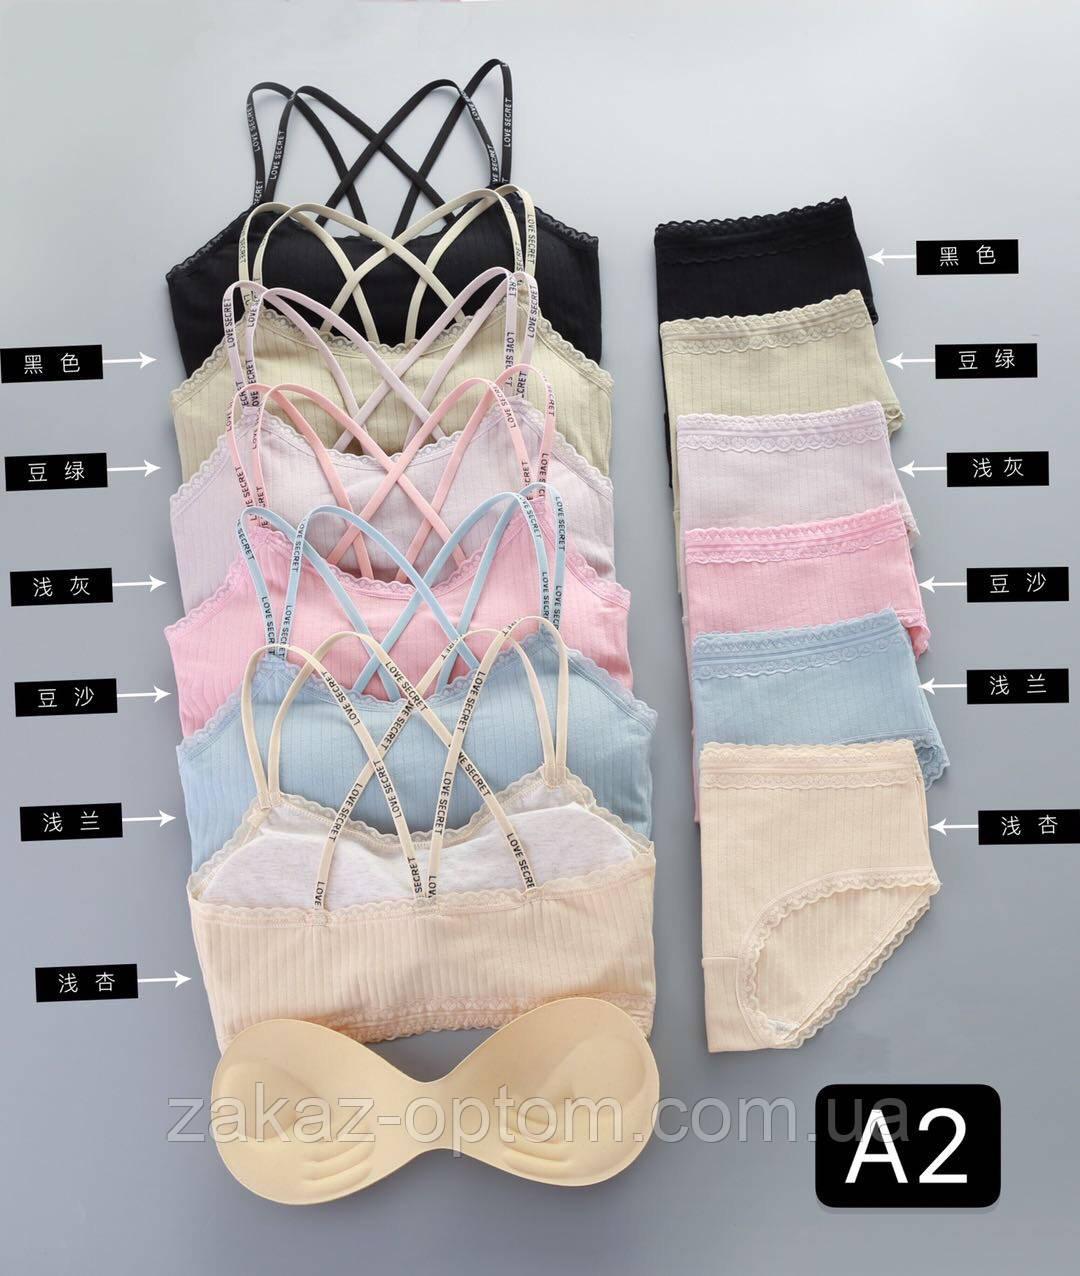 Комплект женского нижнего белья оптом S-L Китай A2-65917